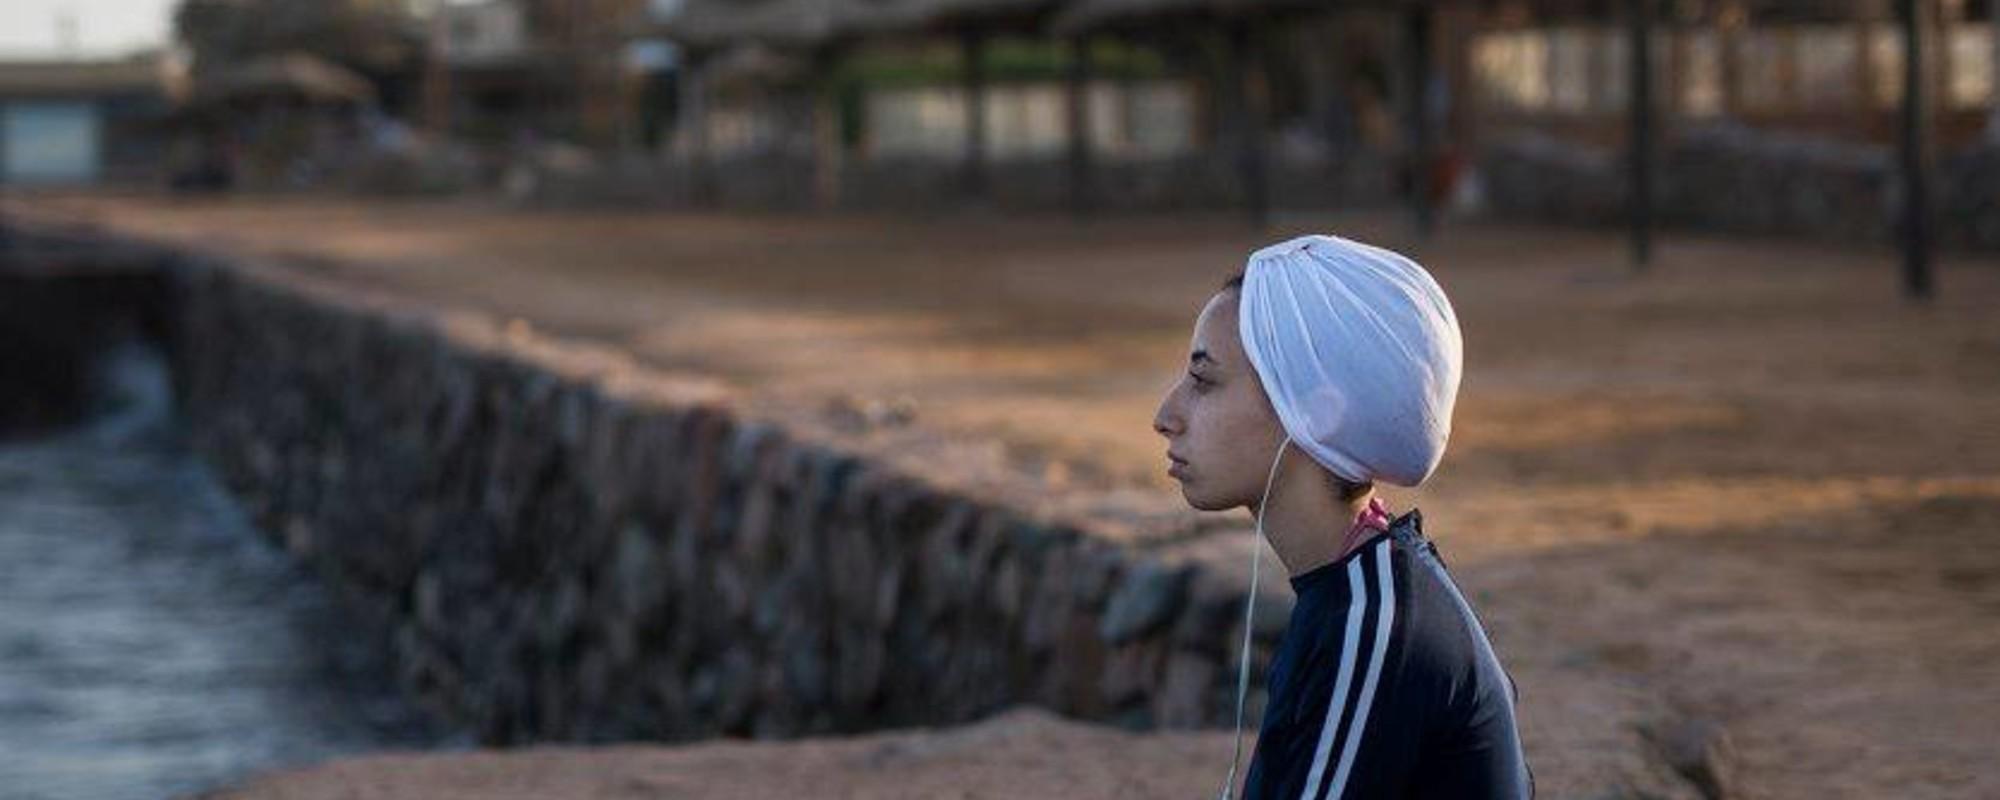 Billeder af Sharm el-Sheik et år efter terrorangrebet